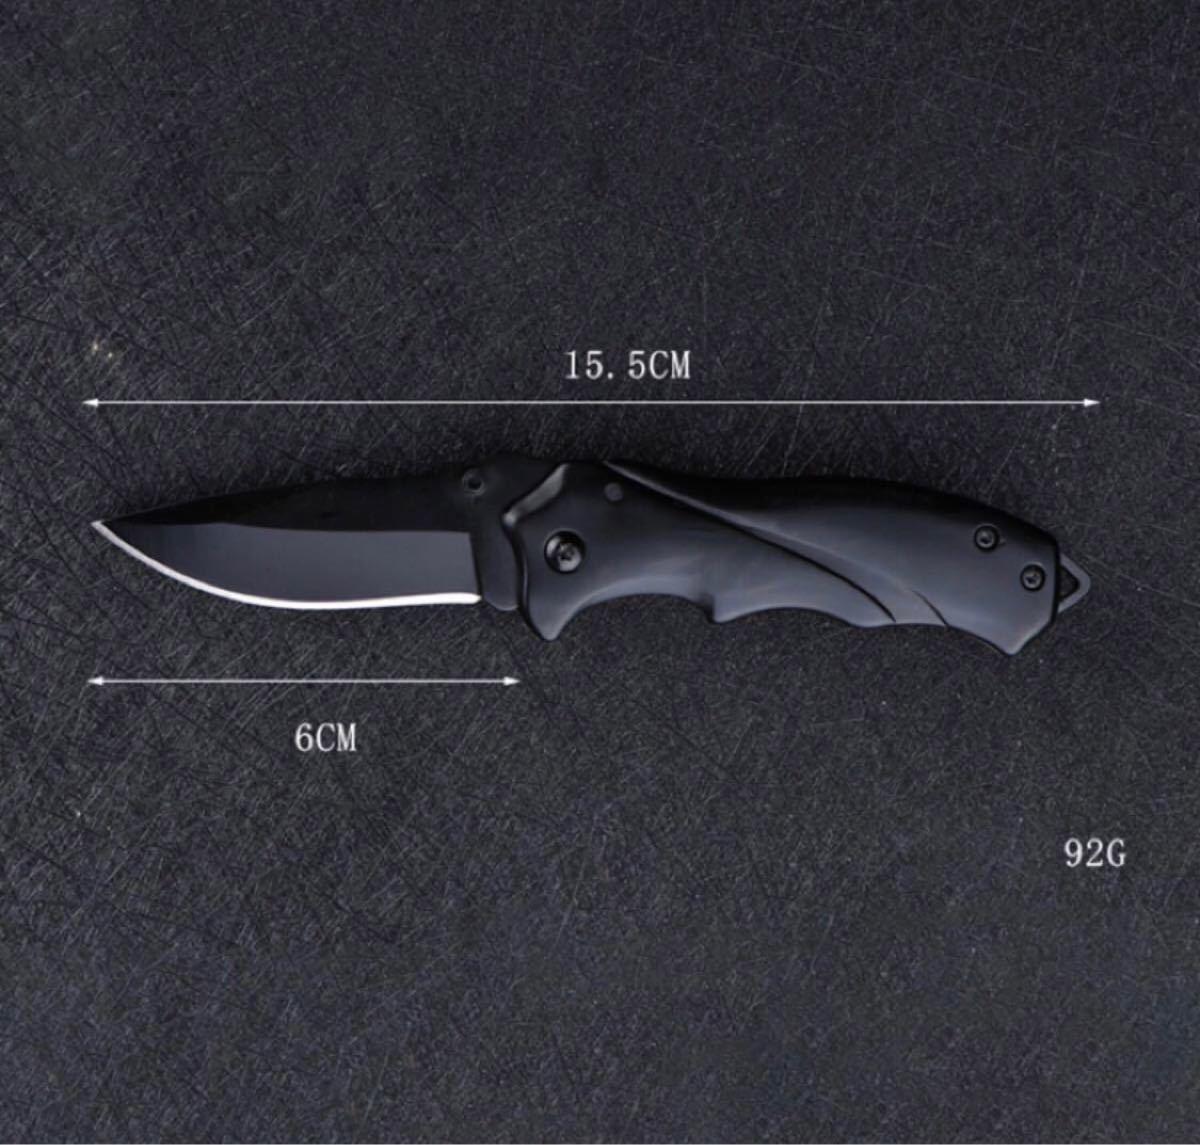 アウトドア ナイ 折畳式ポケット 多機能ナイフ シートベルトカッター 便利携帯ナイフ 木を切り 登山 キャンプ 釣り防災用ブラック